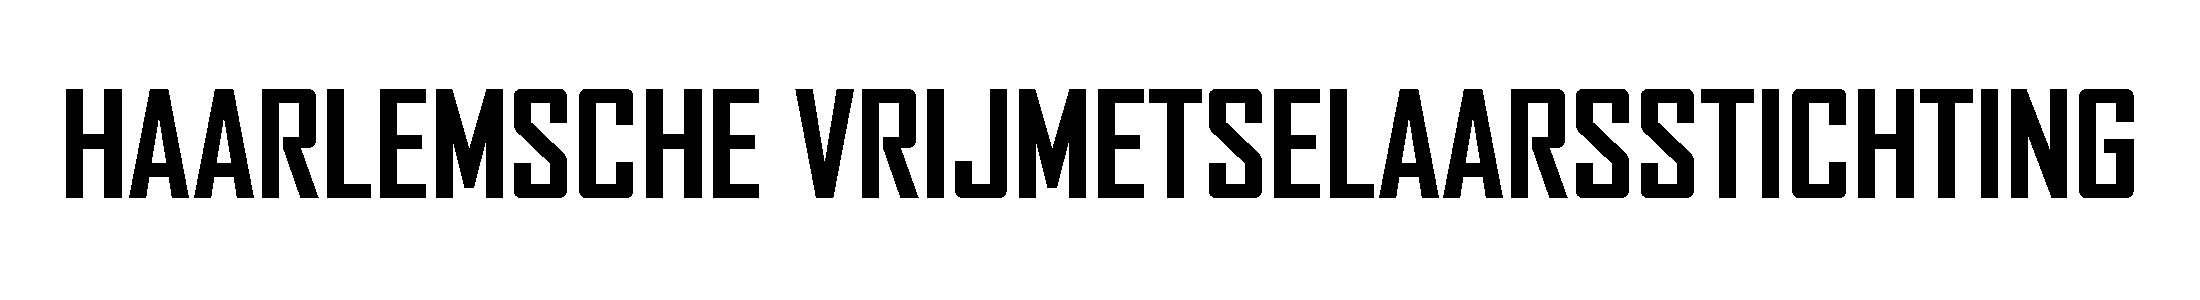 Haarlemsche Vrijmetselaarsstichting